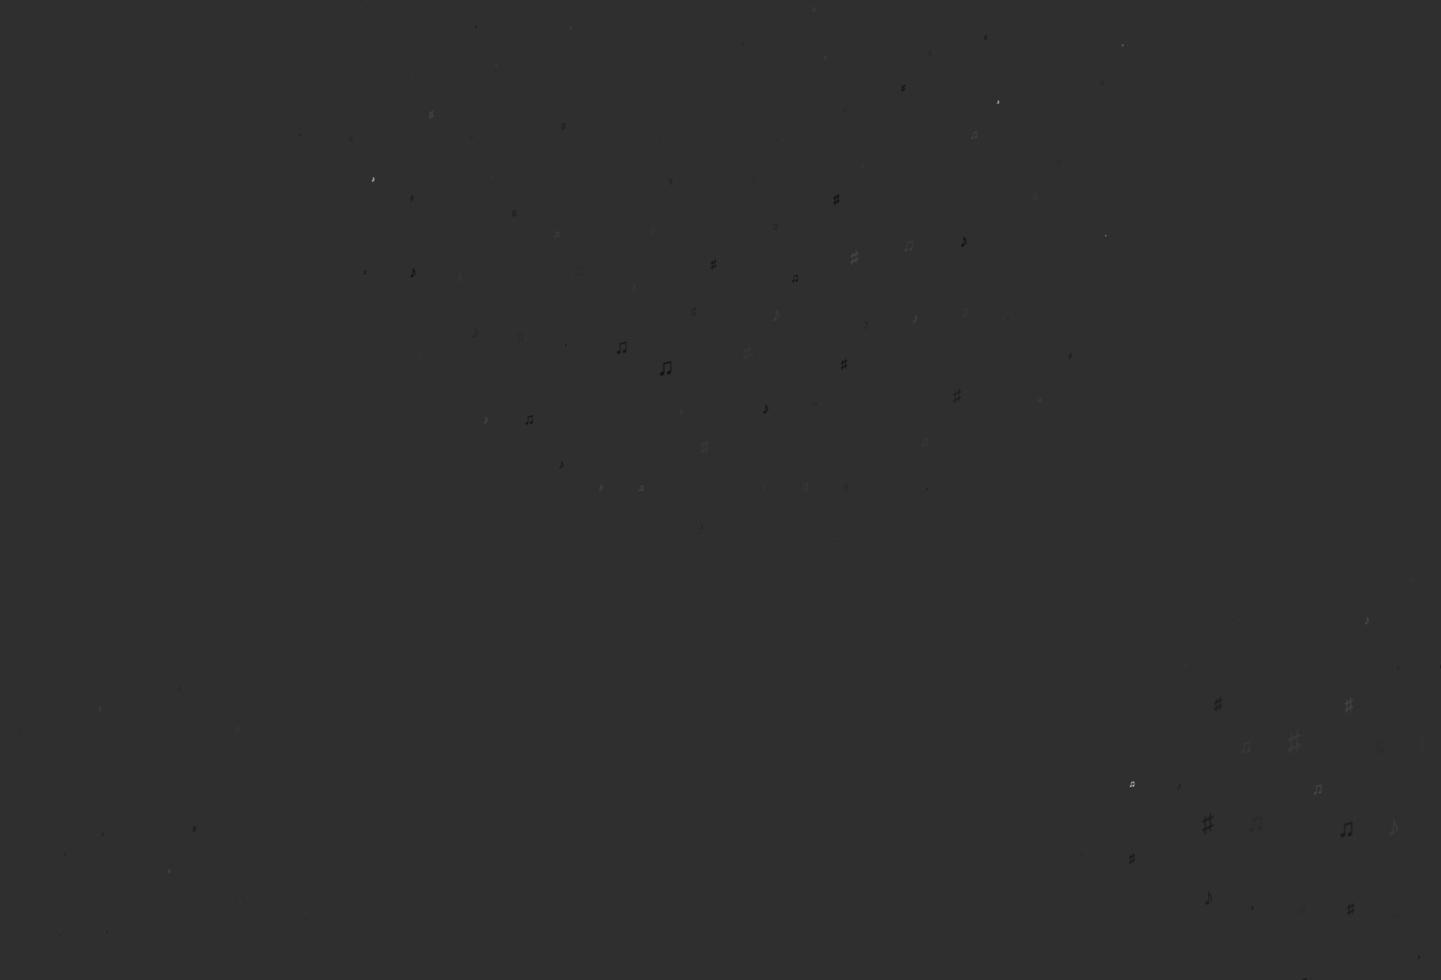 modelo de vetor cinza claro prata com símbolos musicais.